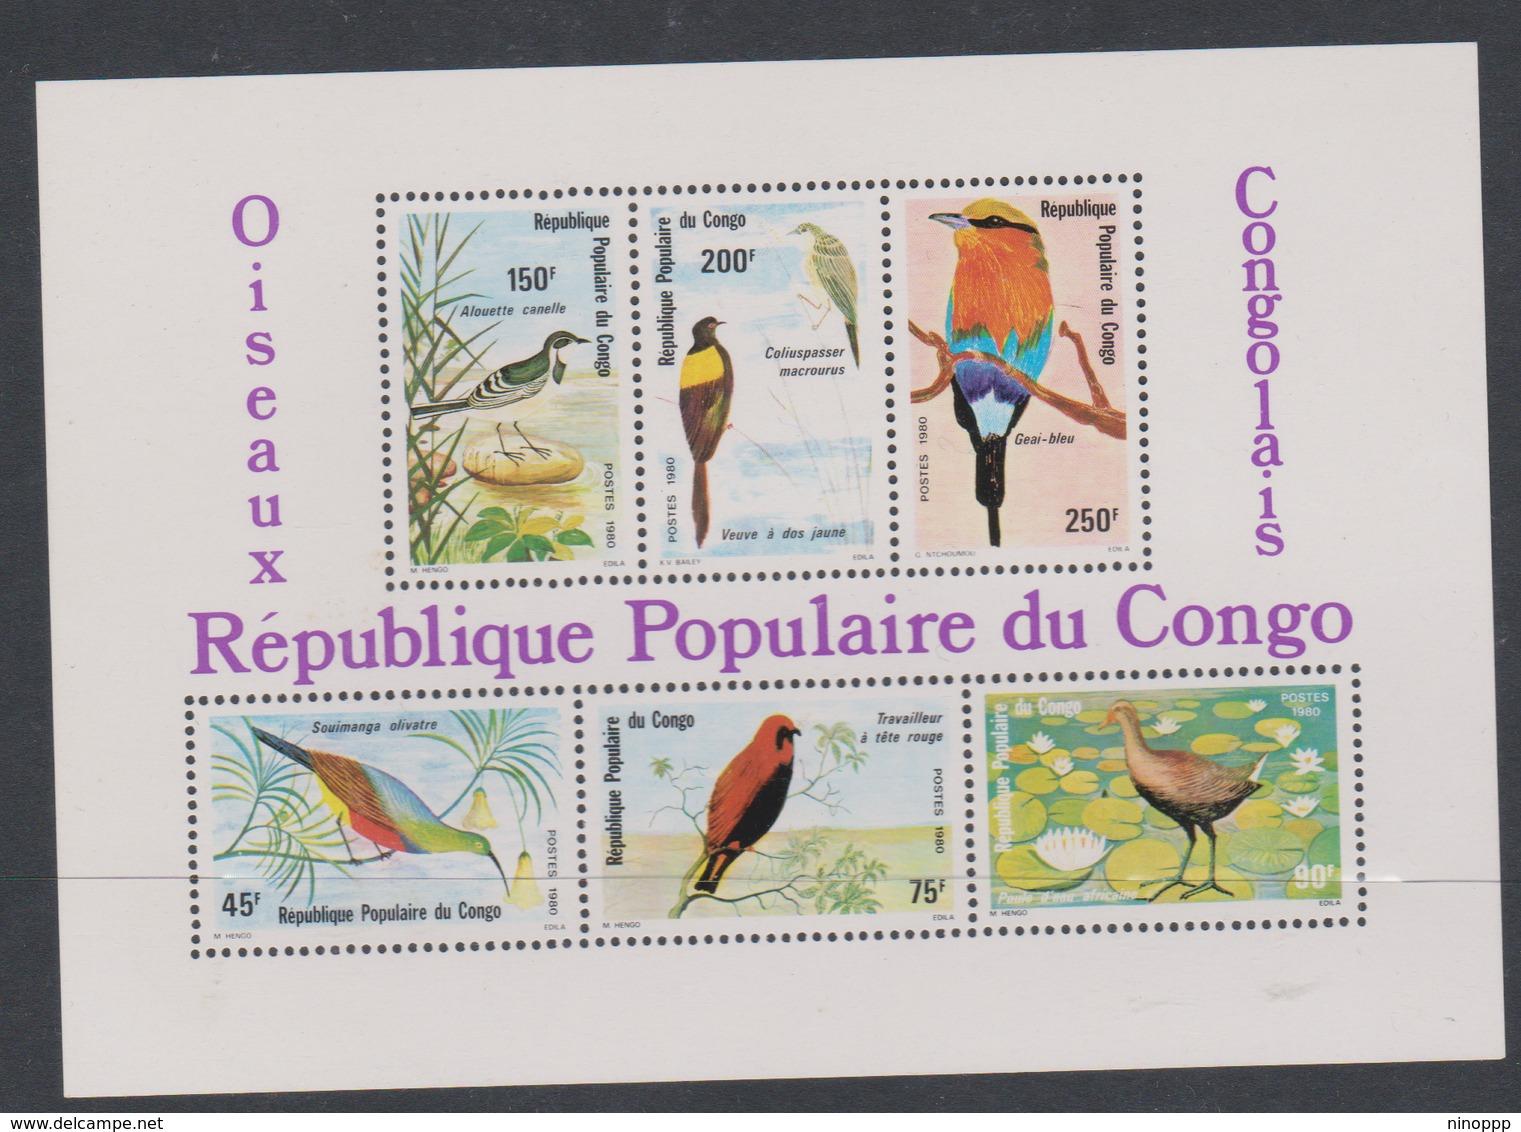 Congo People's Republic Scott 556a 1980 Birds,souvenir Sheet.mint Never Hinged - Parrots